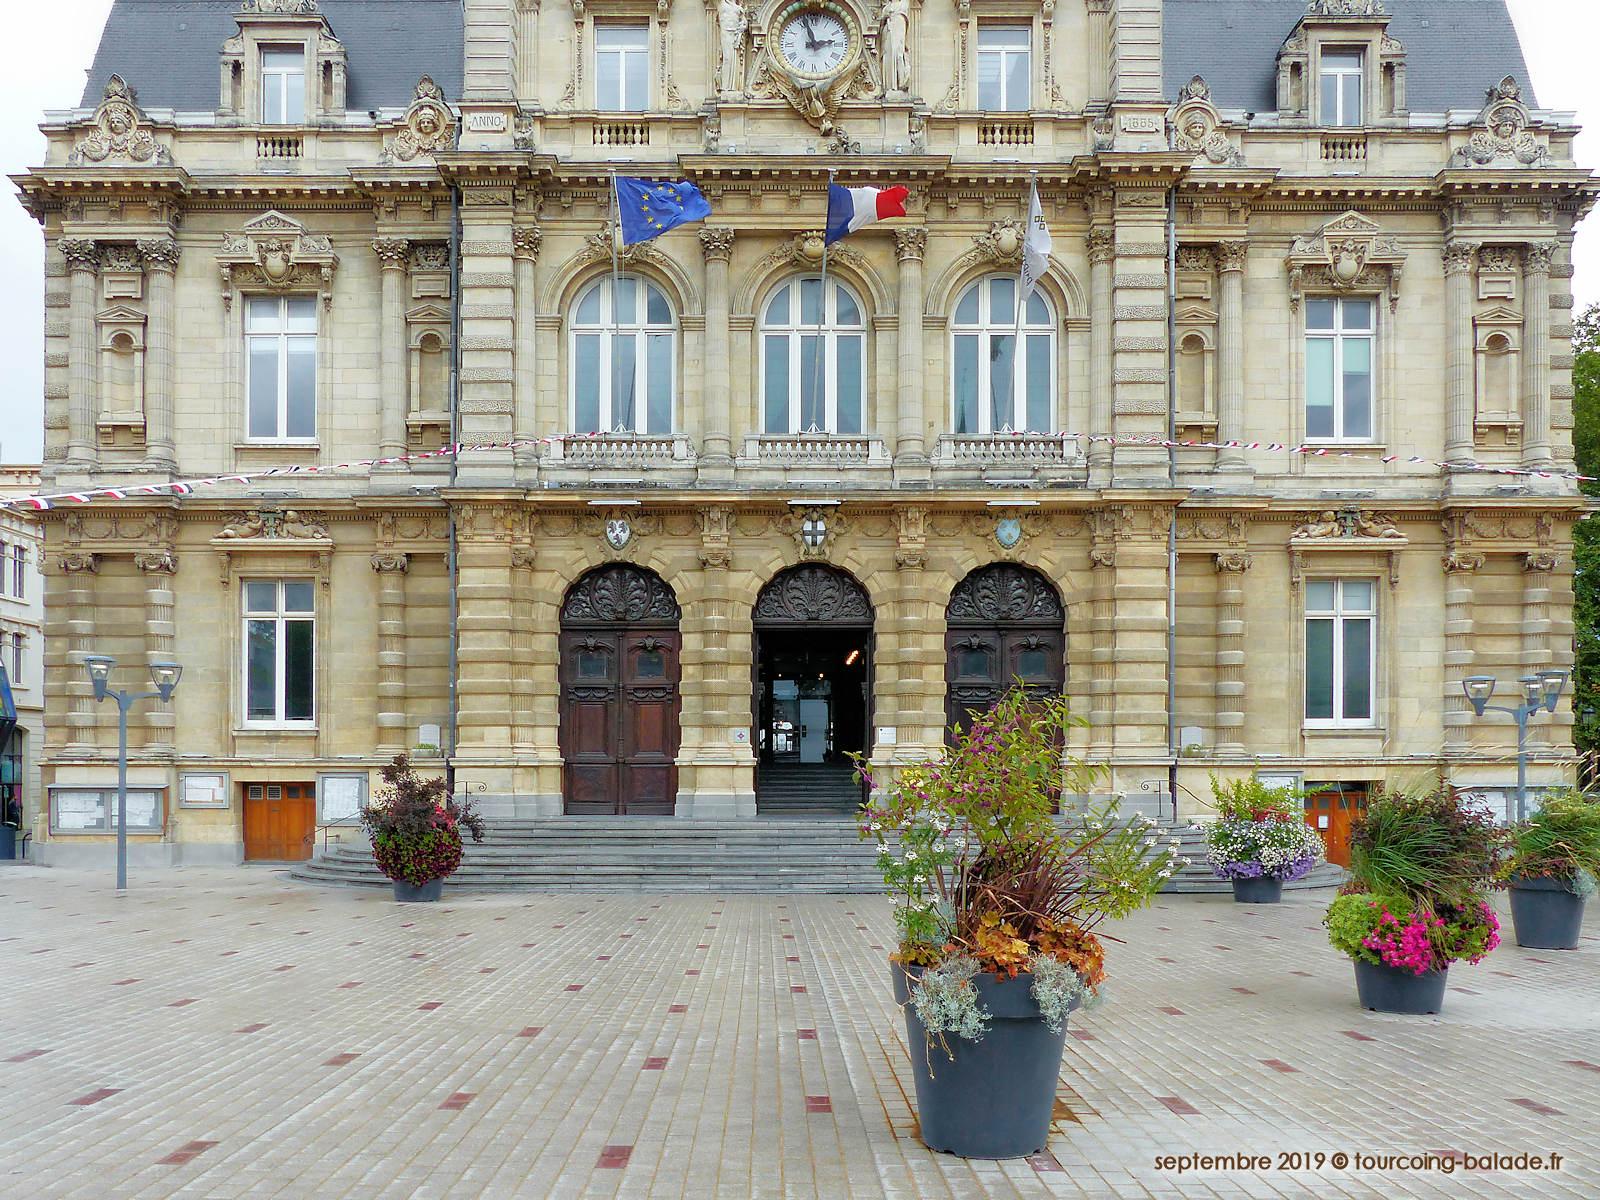 Façade de l'Hôtel de Ville de Tourcoing, 2019